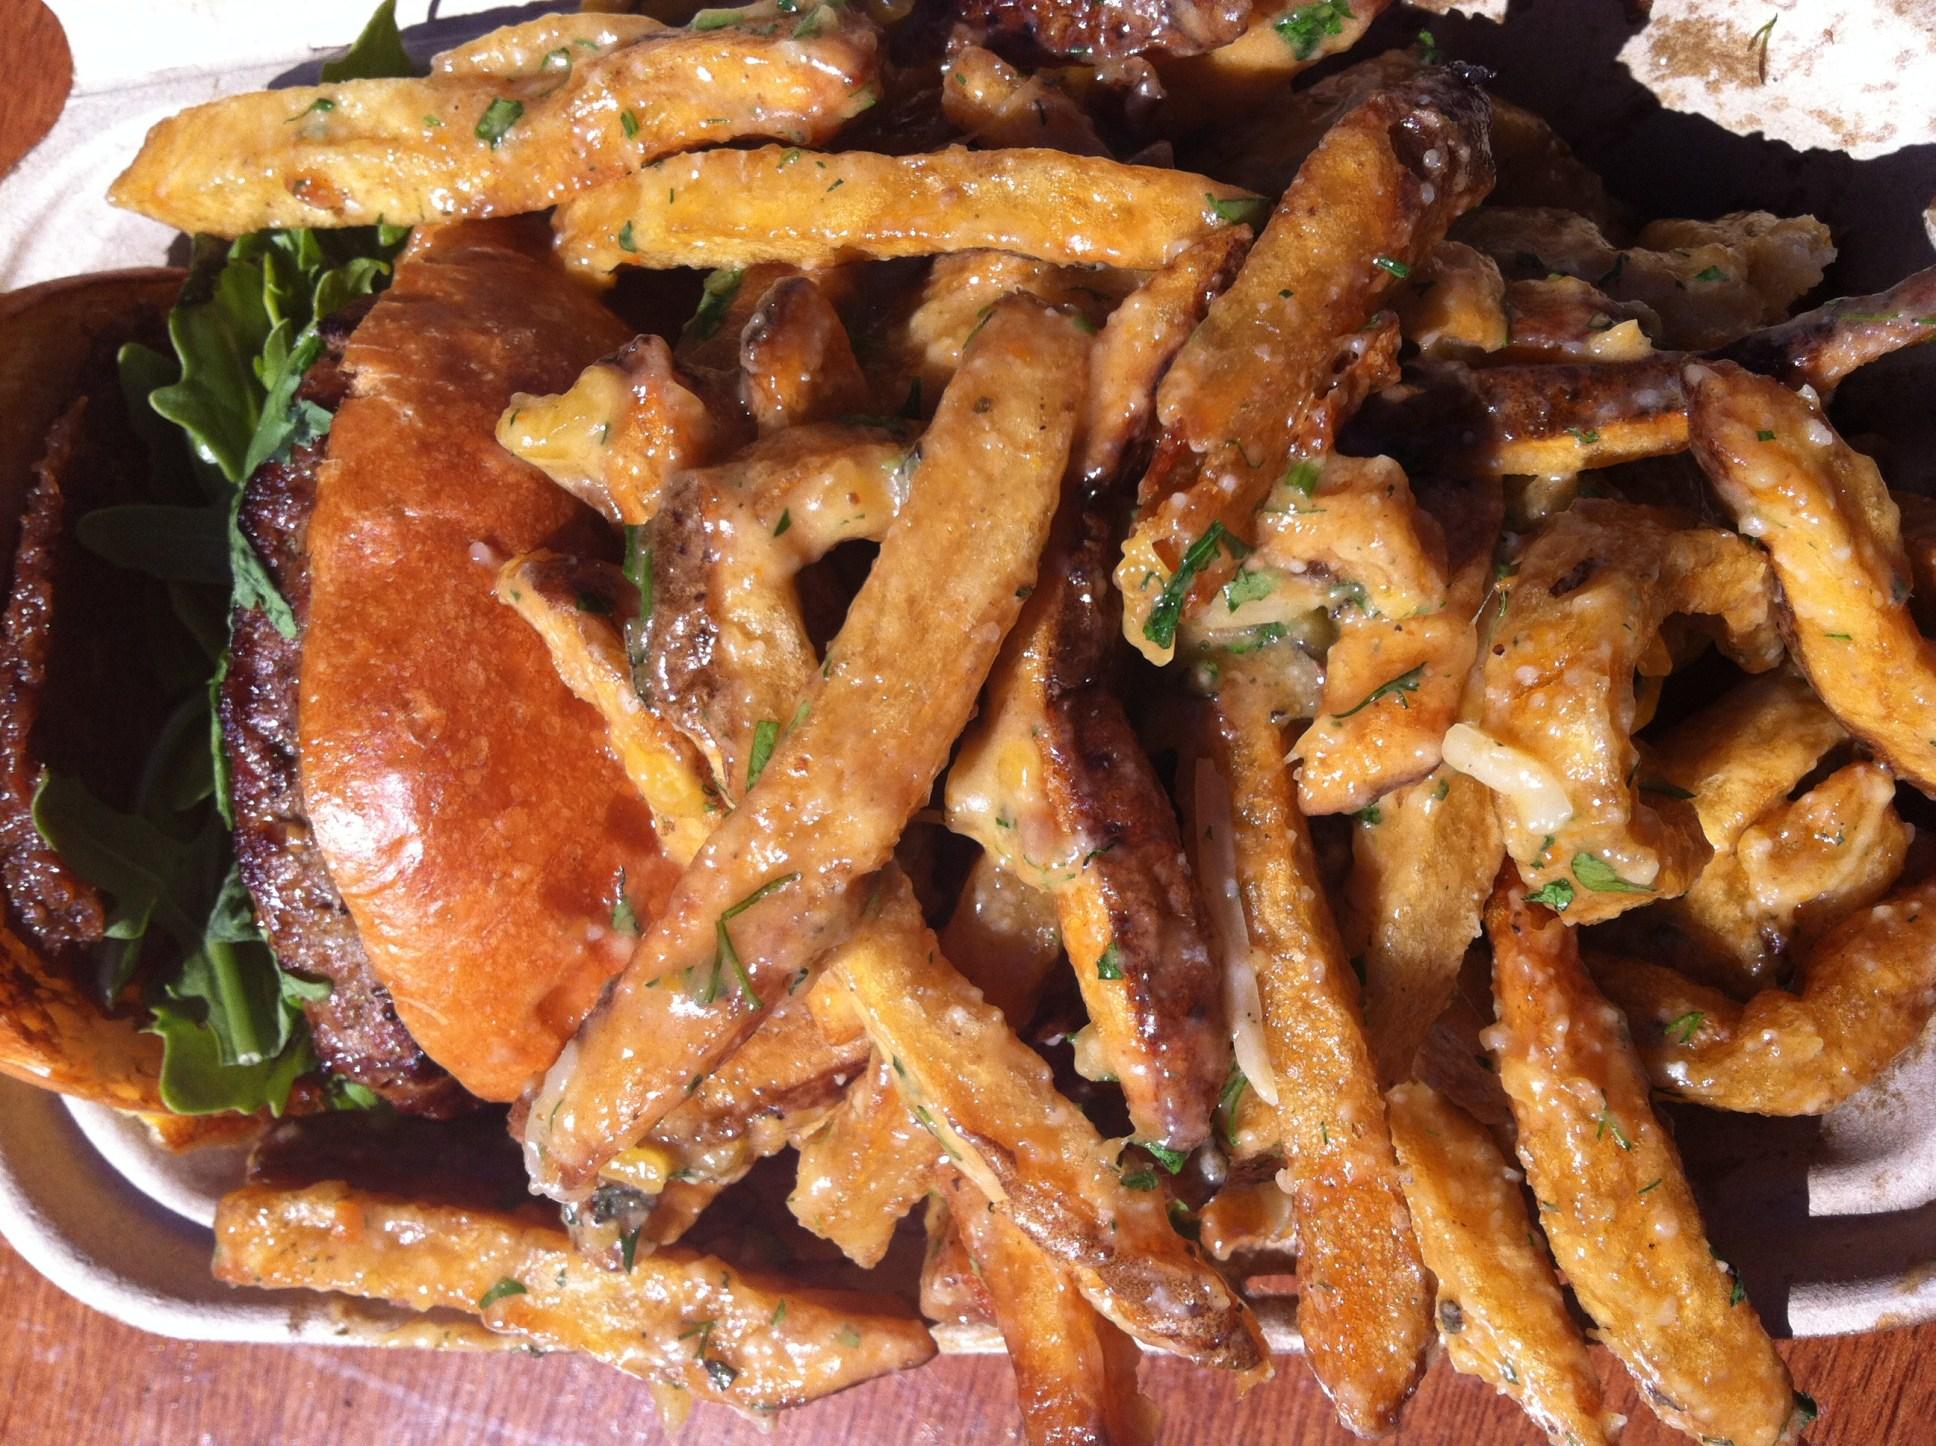 MOBILE – Skillet Street Food